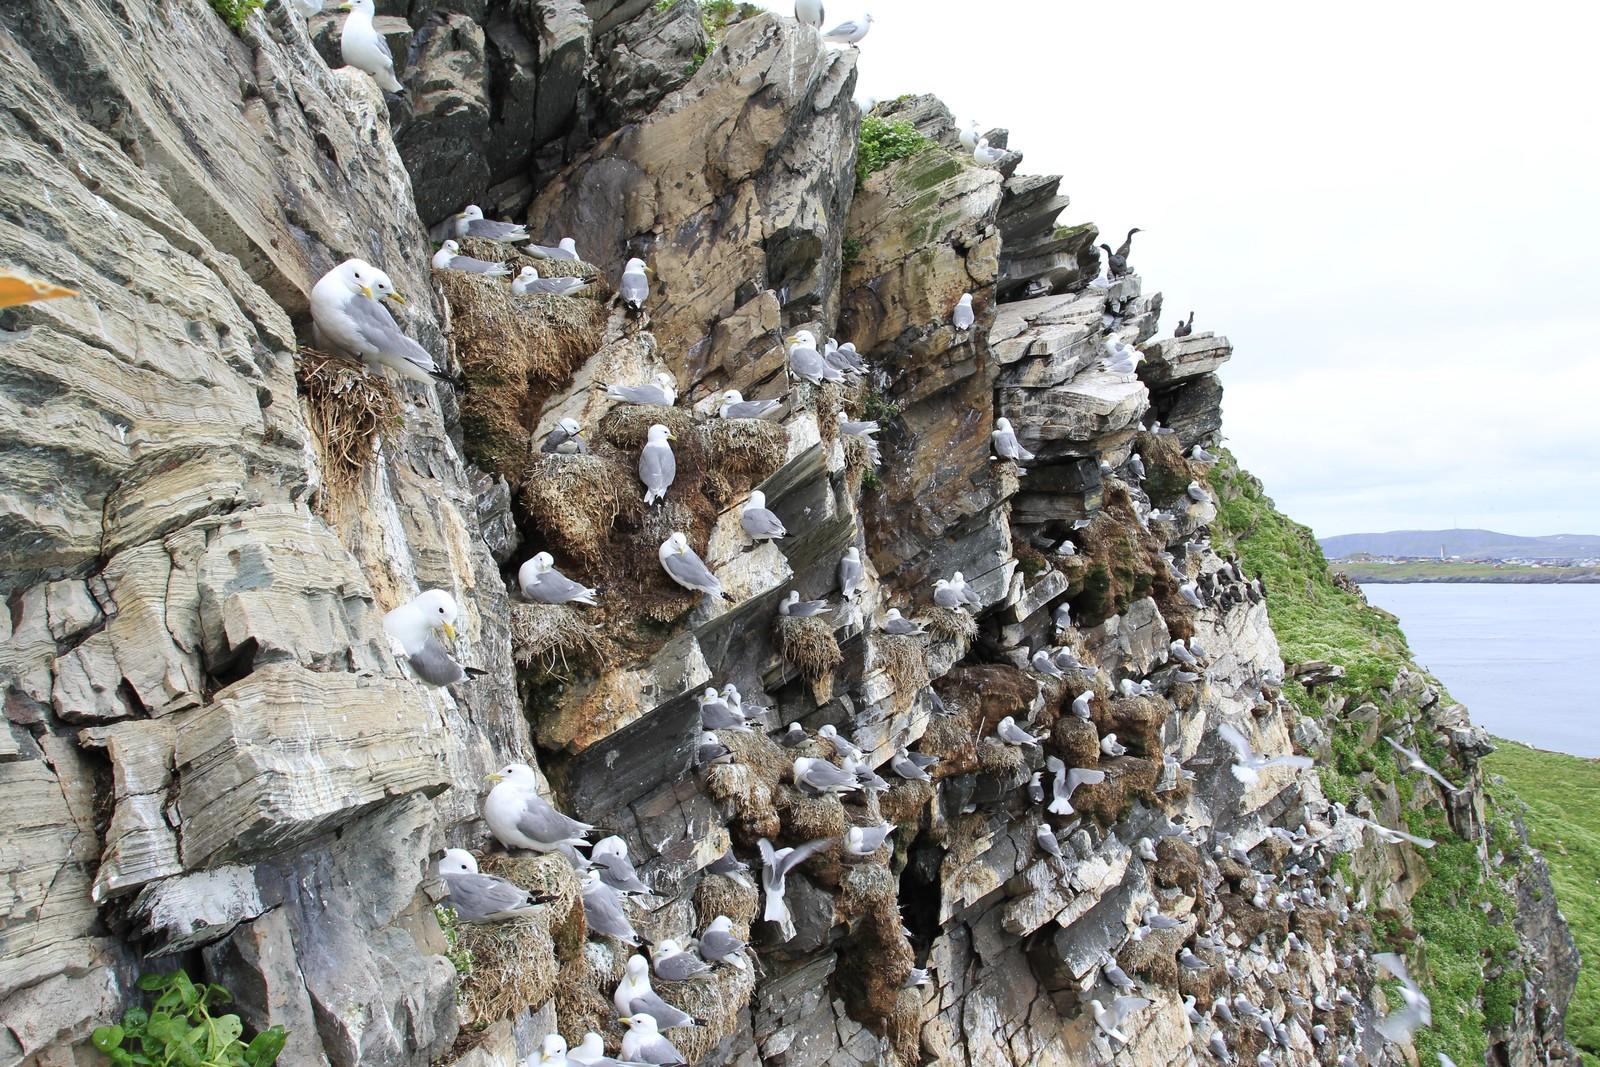 Krykkjene sitter tett i tett på fuglefjellet og har laget seg imponerende byggverk/reder på pittesmå fjellhyller.